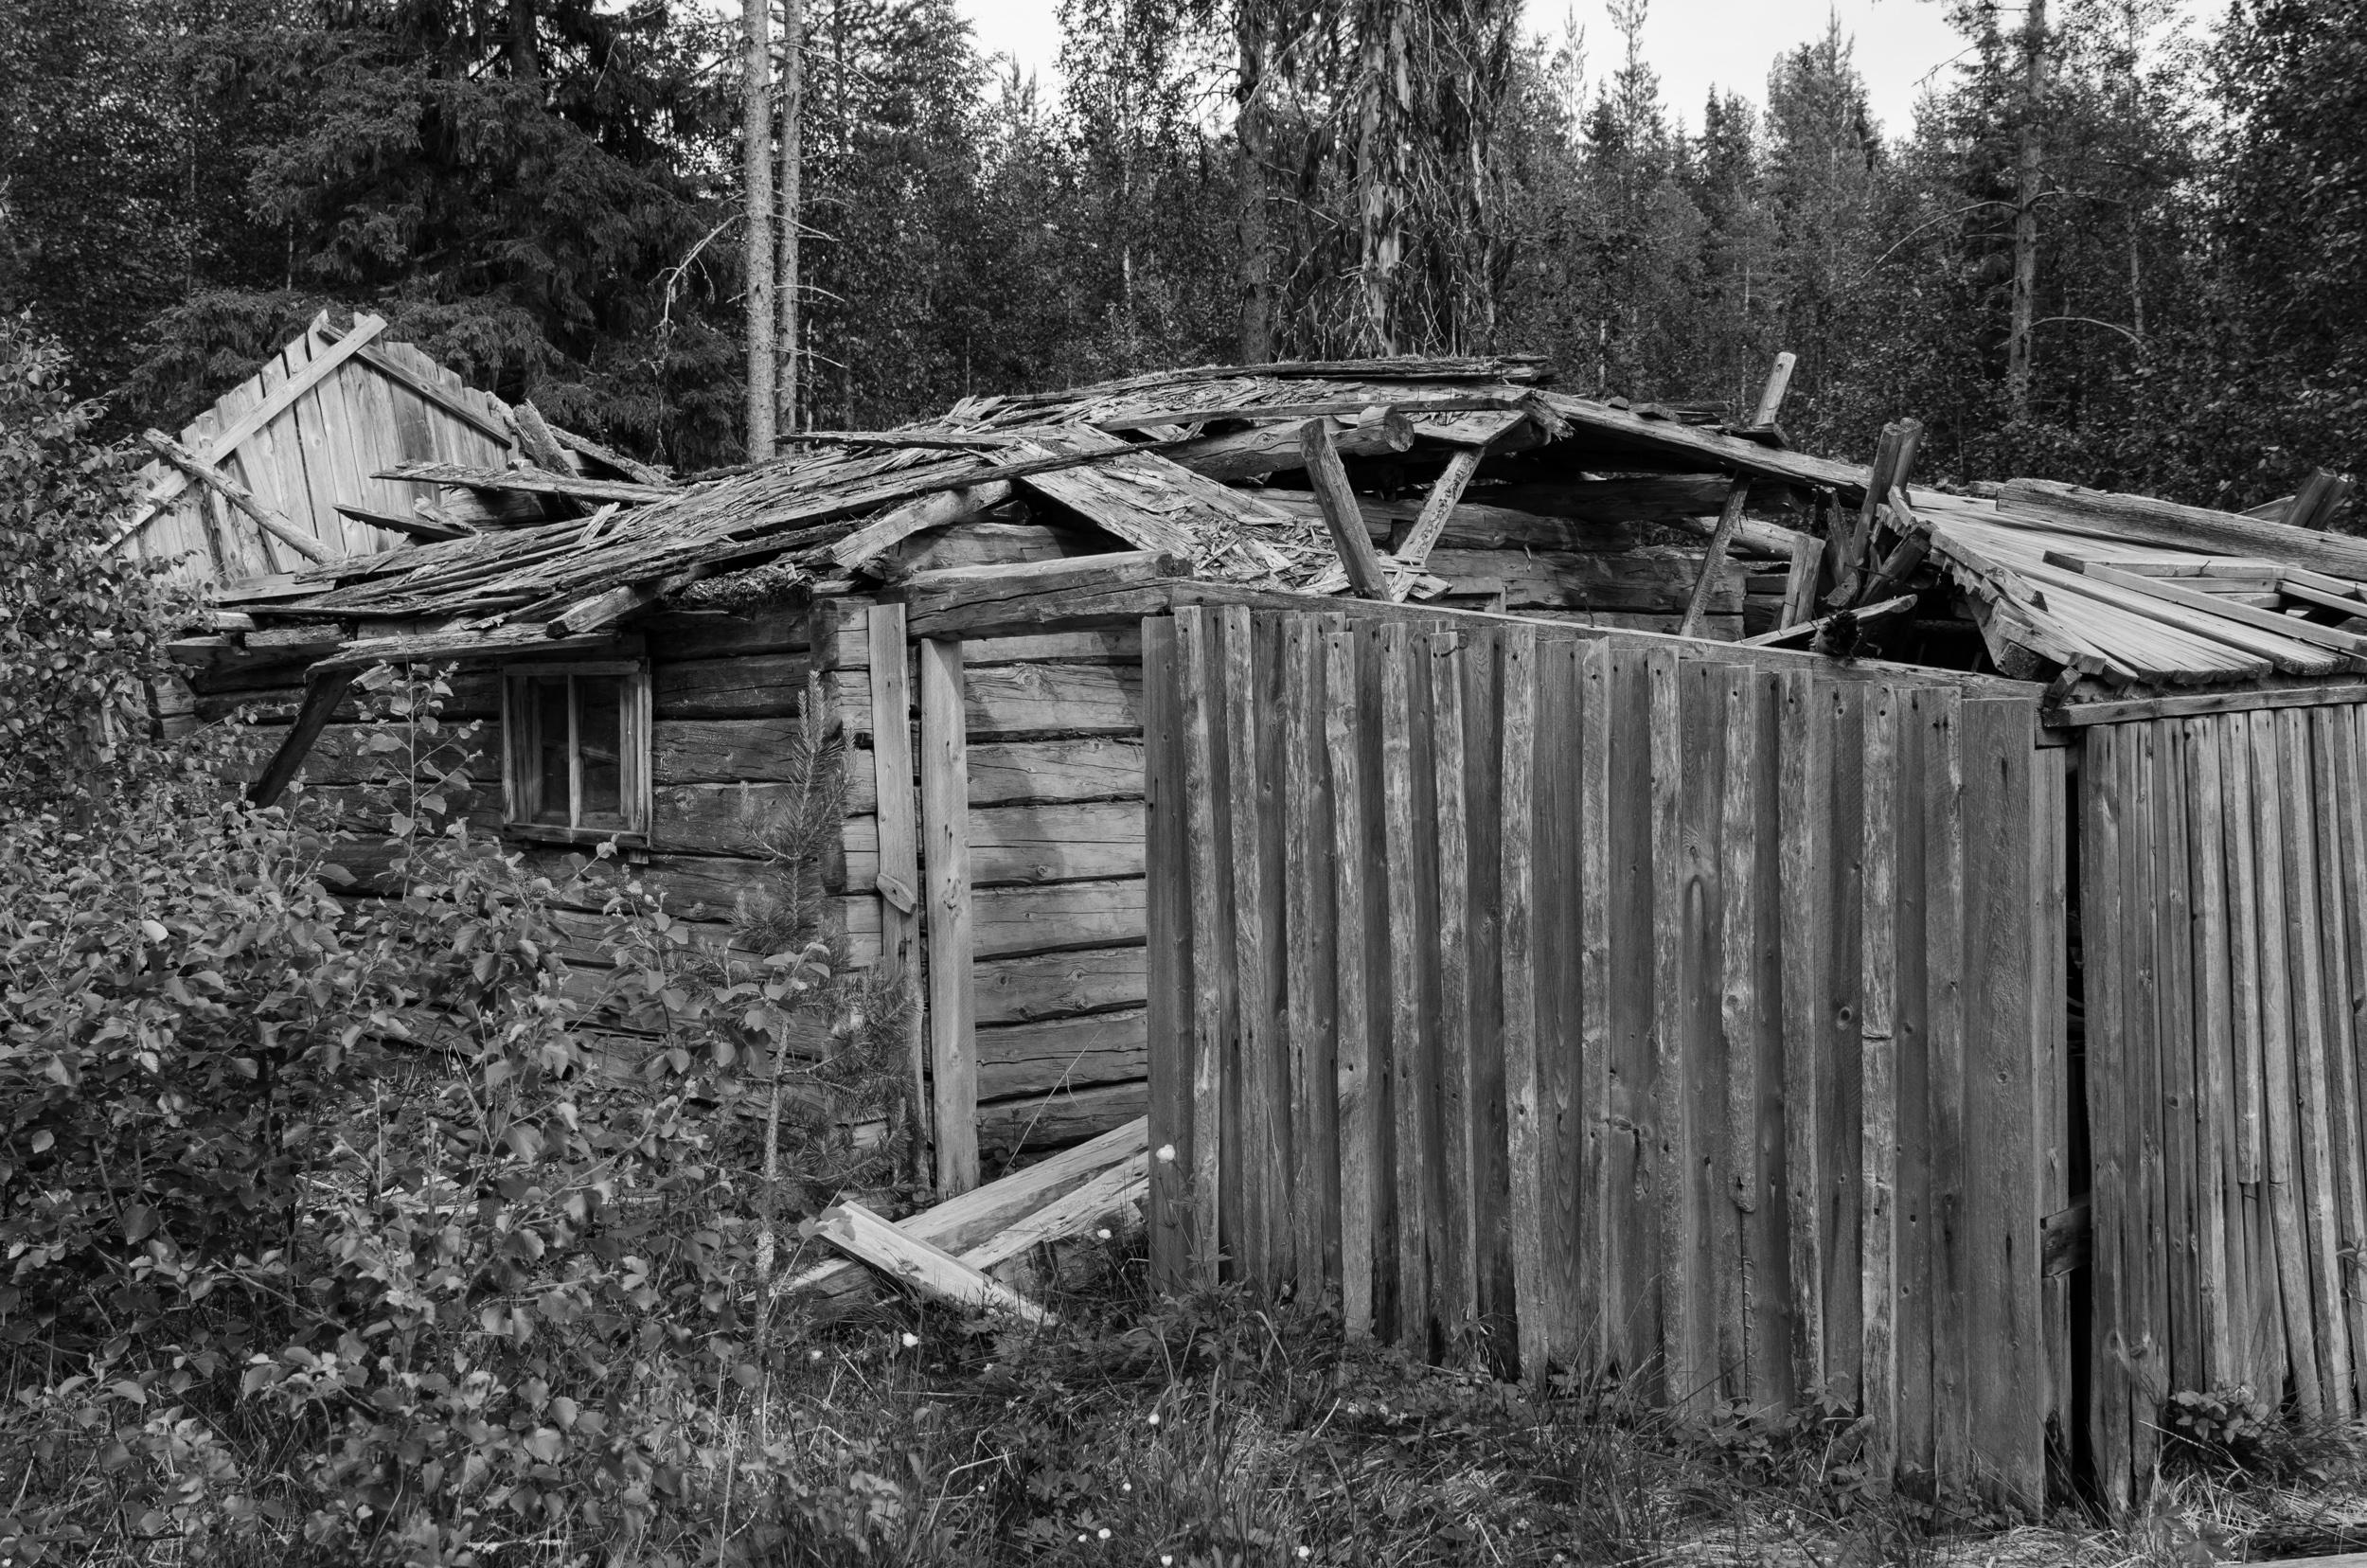 Ödehus i Övertorneå. Naturen tar tillbaks det, sakta men säkert!